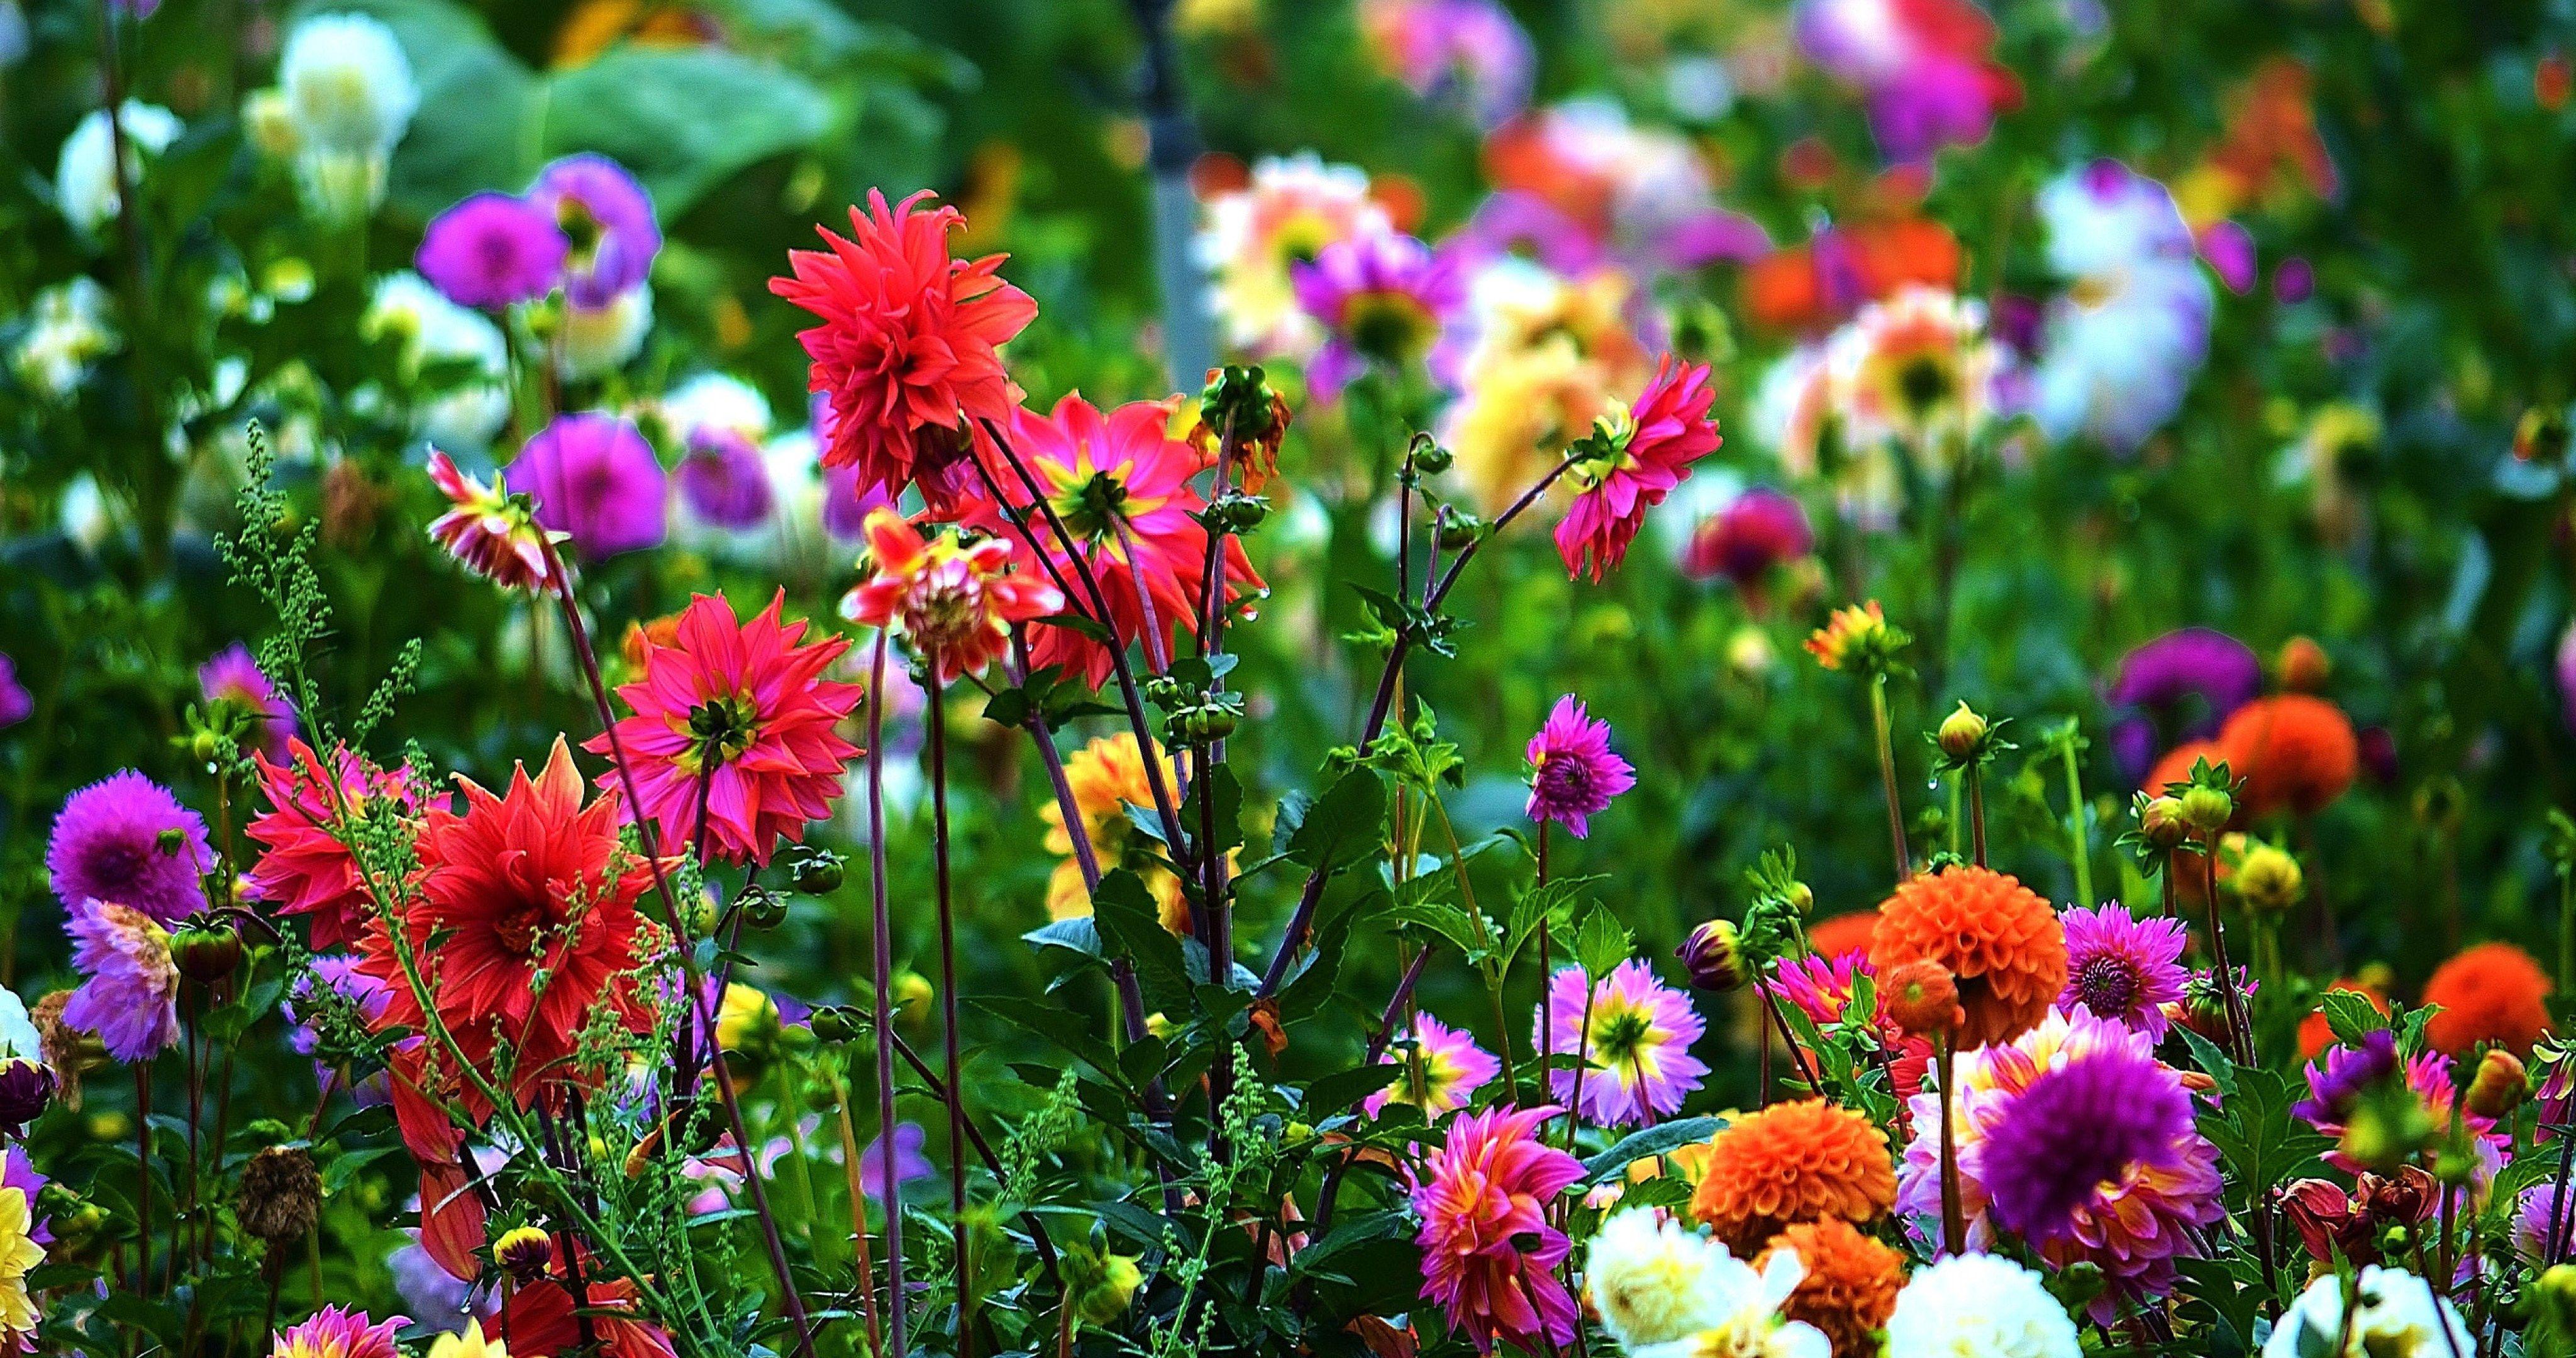 Meadow Garden Flowers 4k Ultra Hd Wallpaper